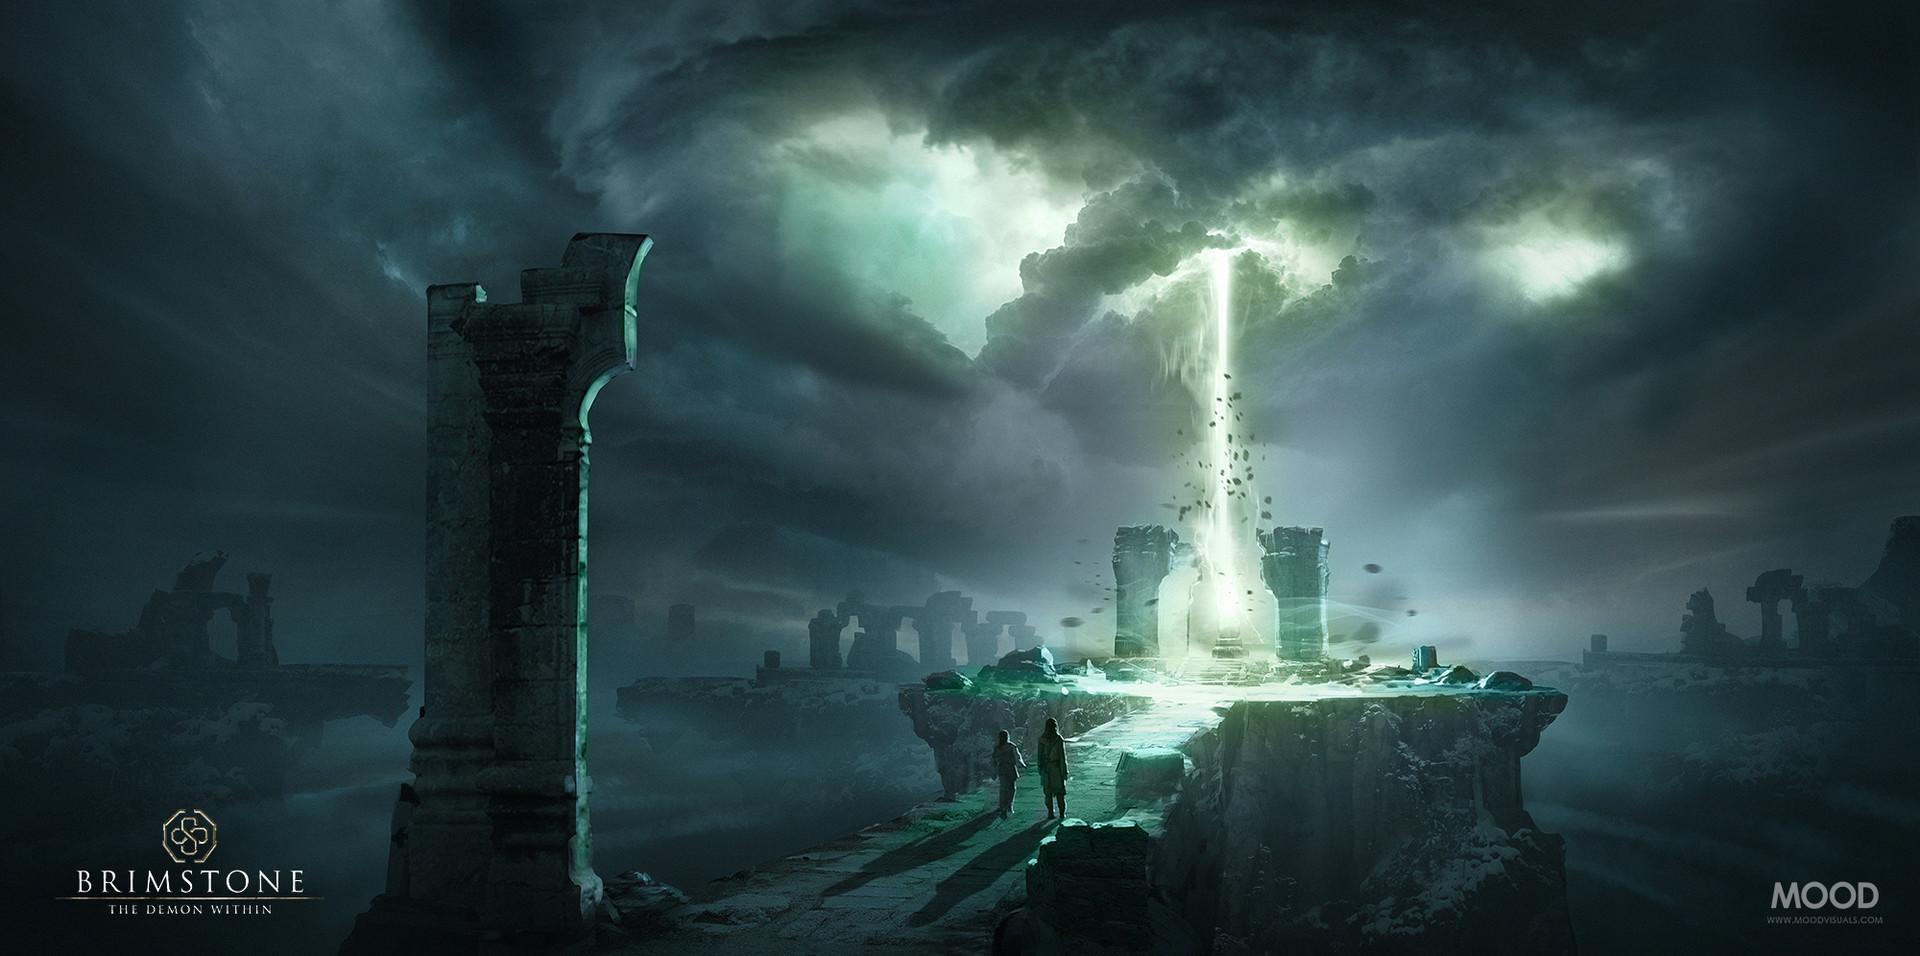 Jan ditlev c09 01 tempest 02